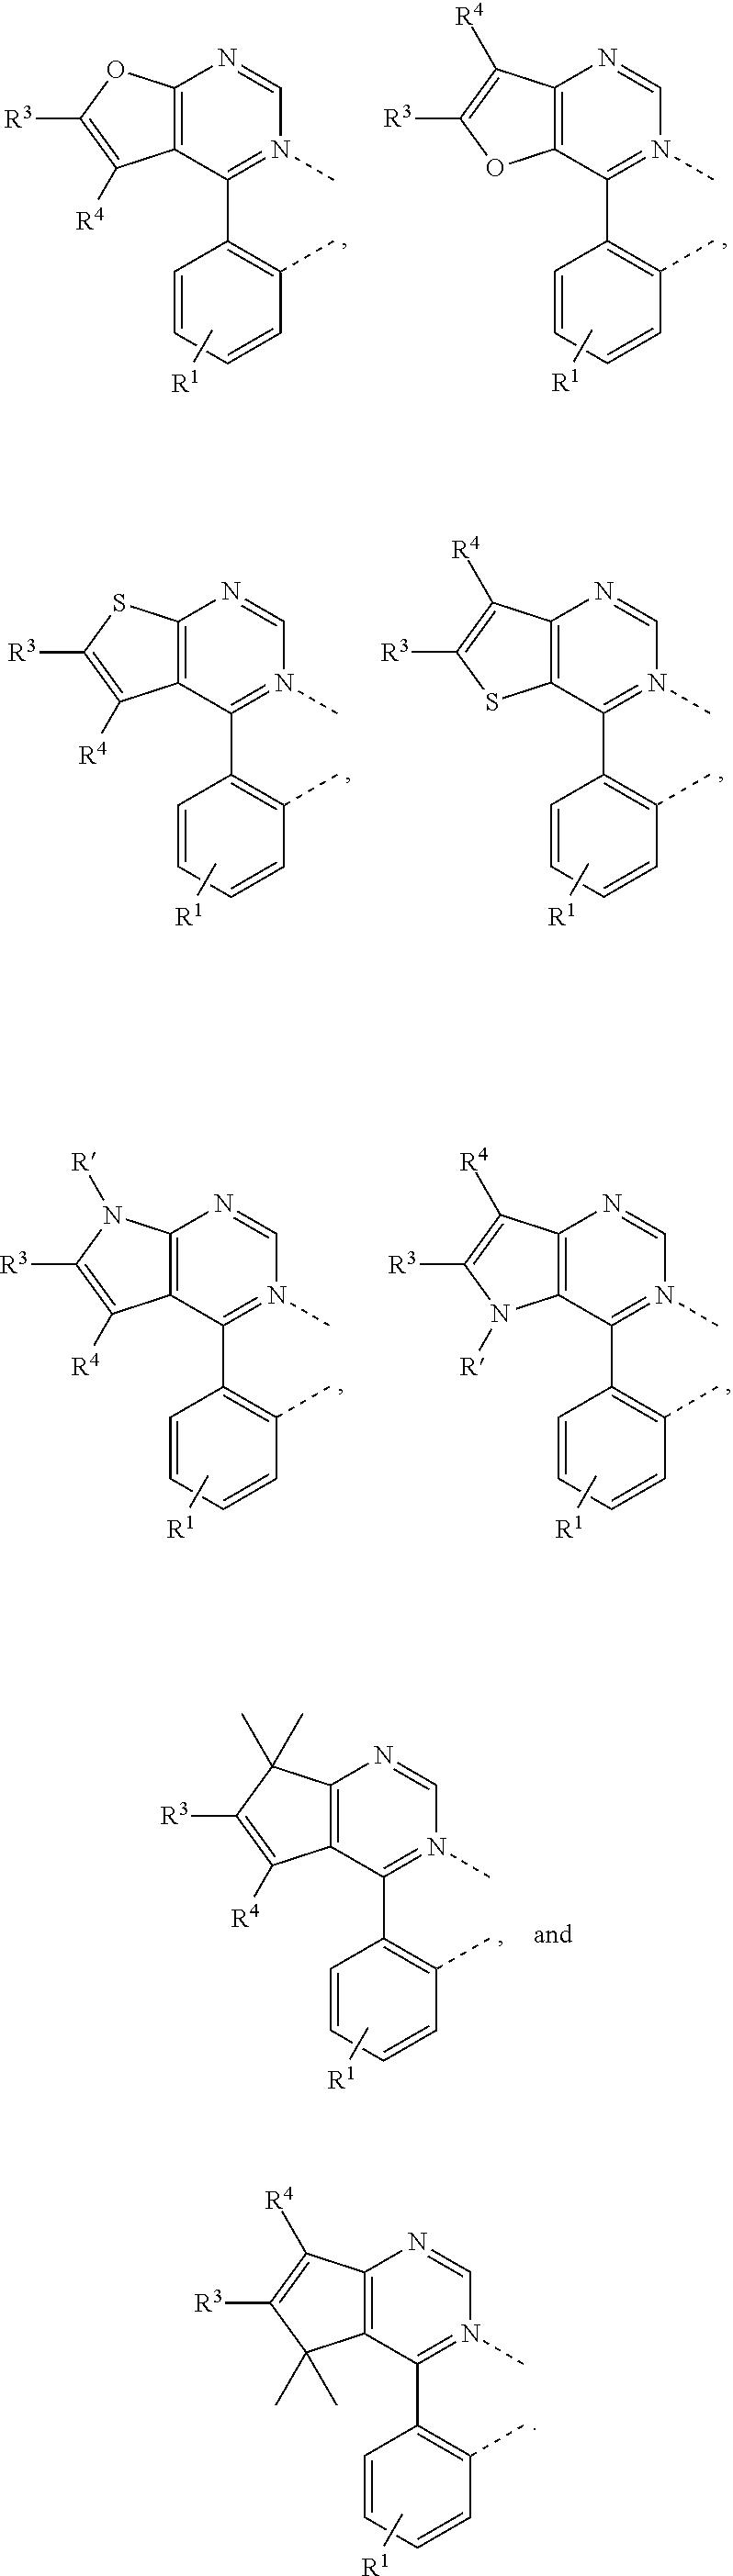 Figure US09859510-20180102-C00144